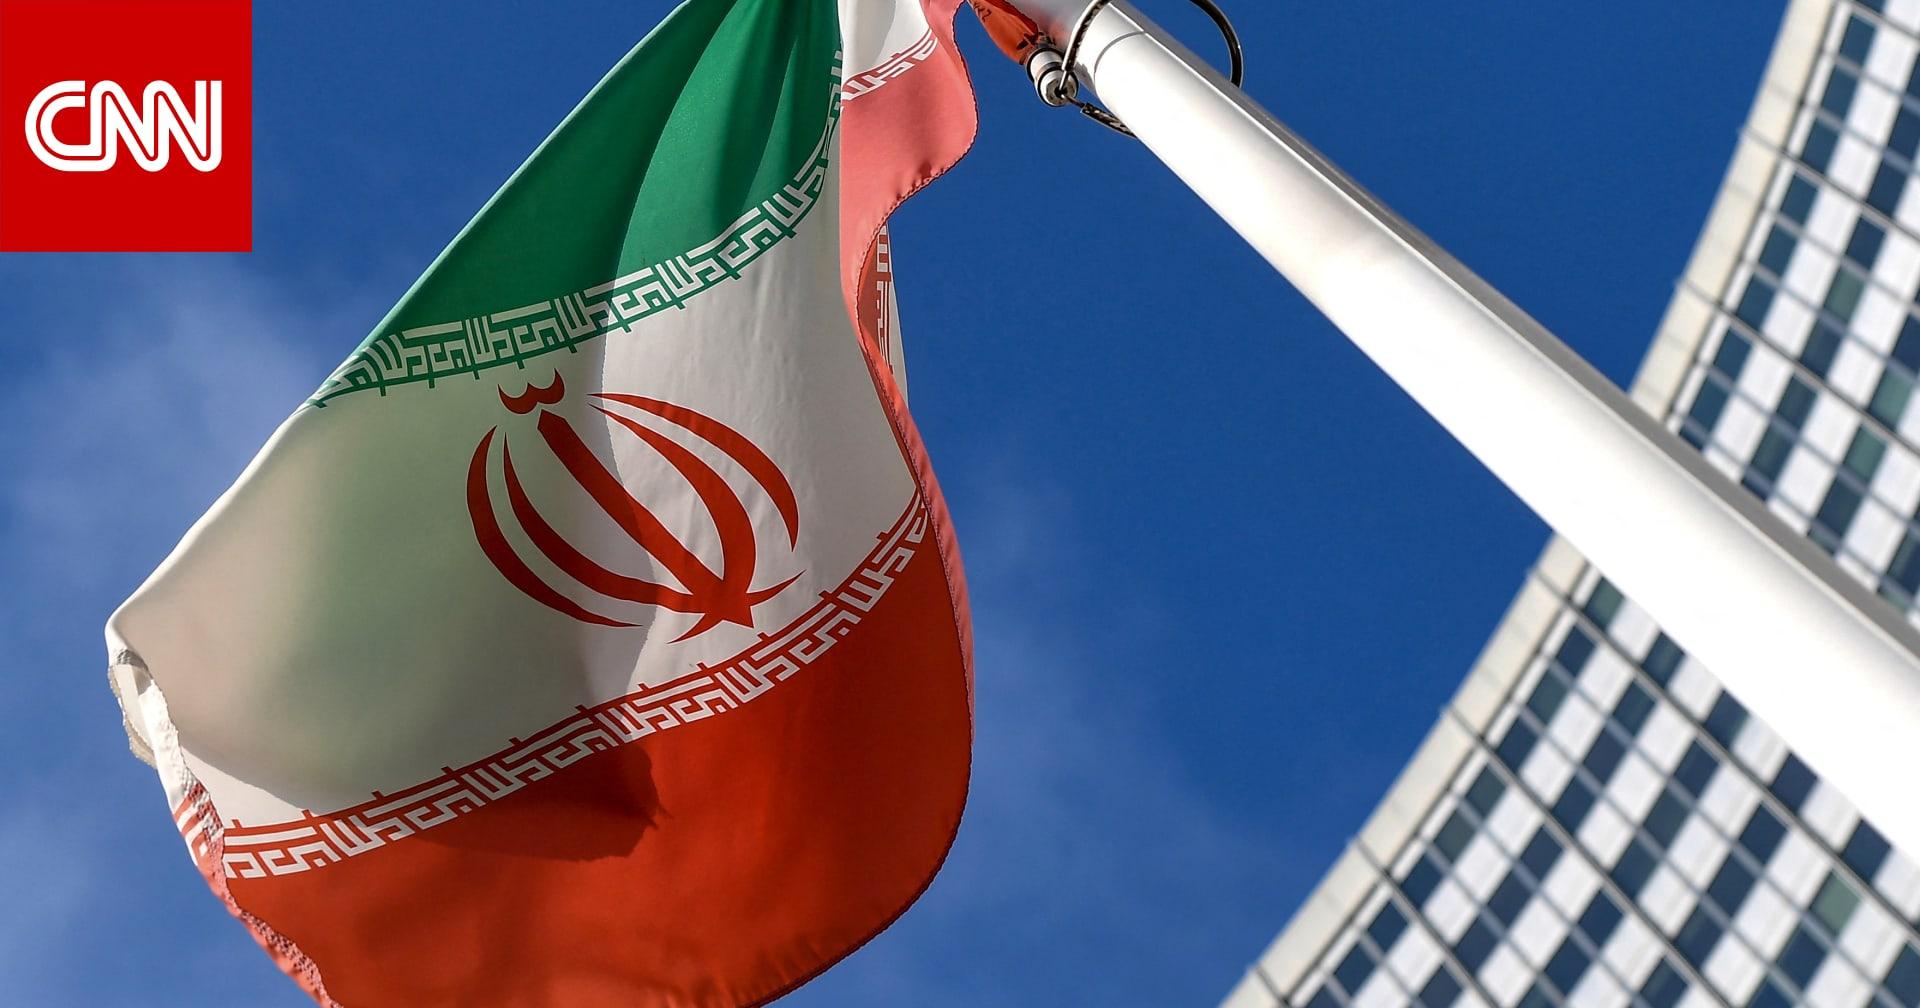 إيران تعلن إنتاج اليورانيوم المخصب بـ60%.. وقاليباف: سنُفشل المؤامرات